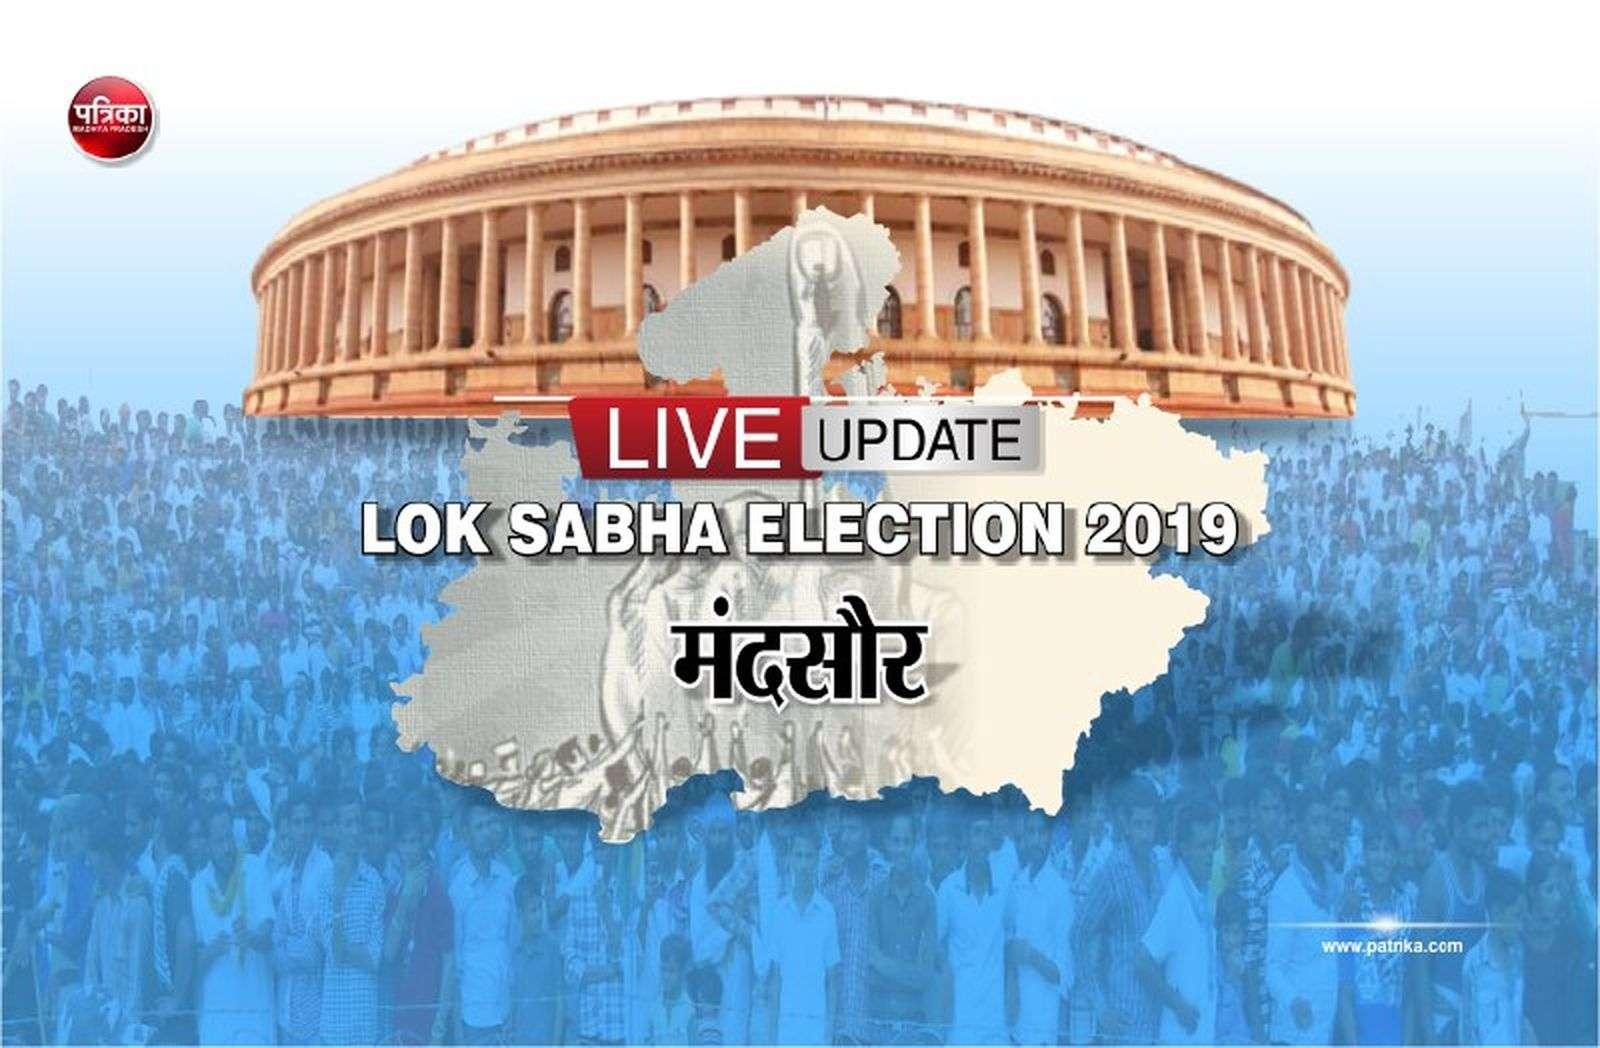 मंदसौर संसदीय क्षेत्र में रिकॉर्ड 77.70 प्रतिशत हुआ मतदान